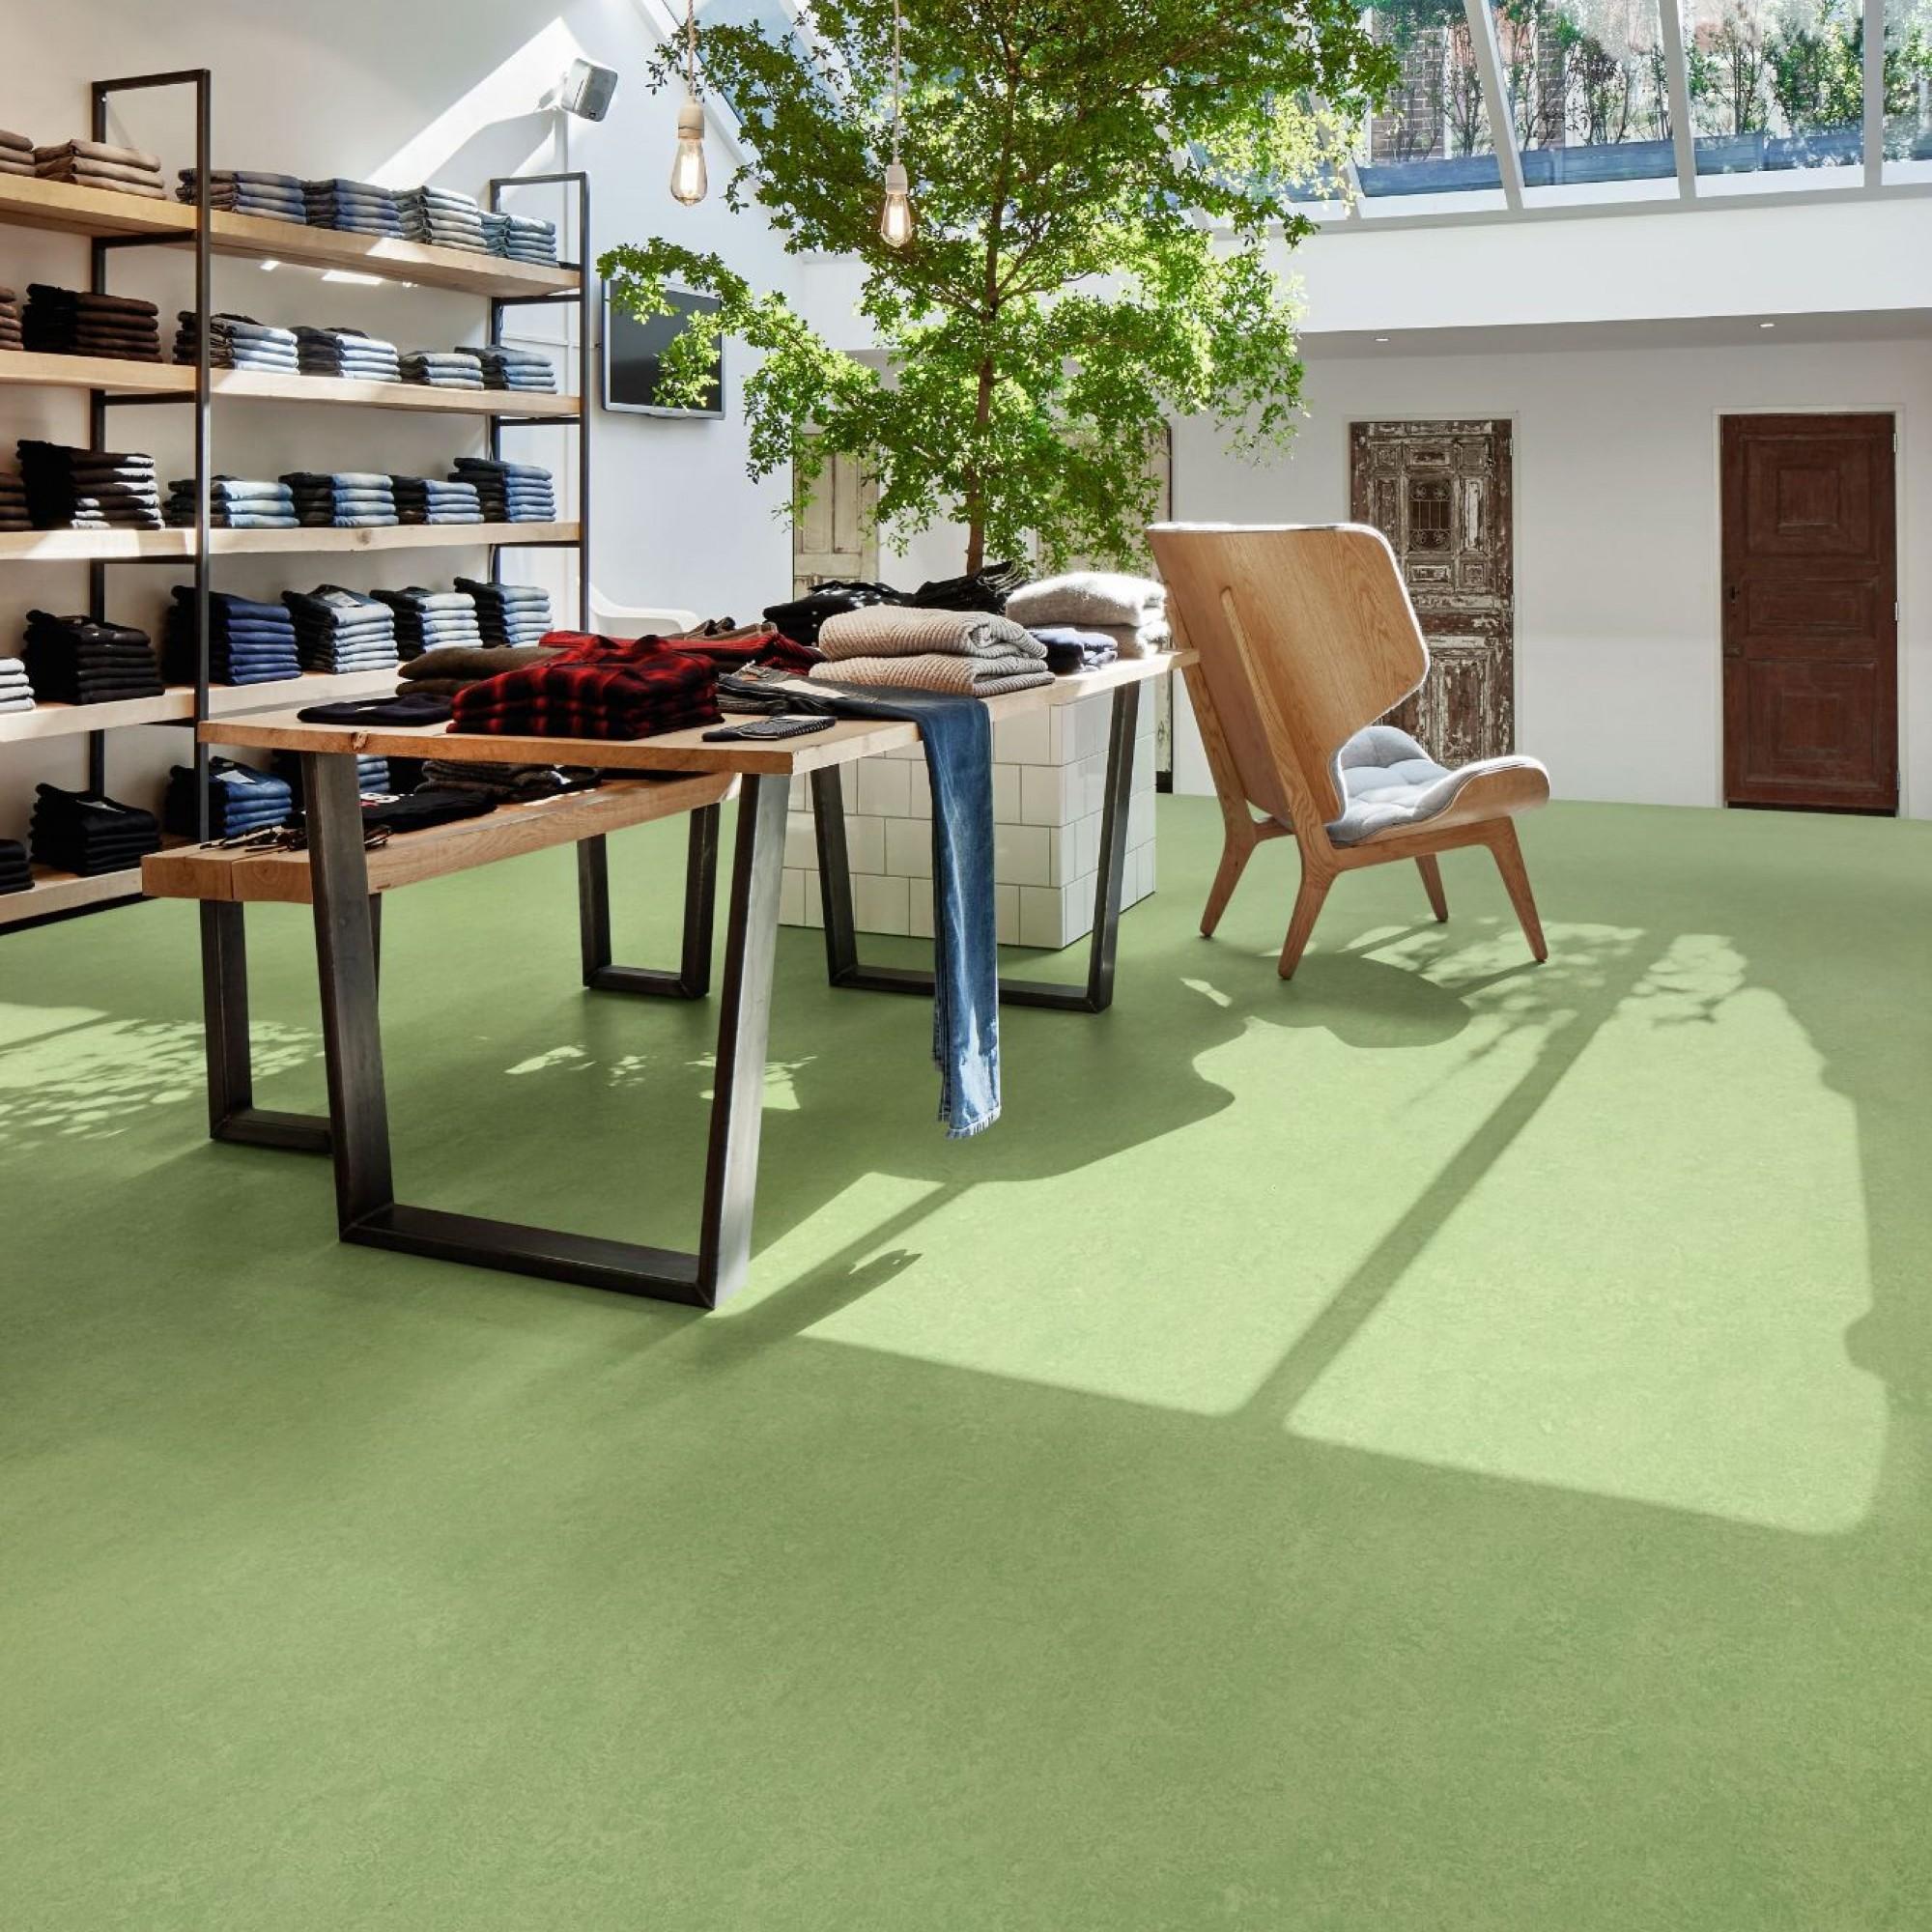 Robust und strapazierbar sind die Marmoleum-Böden, die sich dadurch besonders für hochfrequentierte Bereiche wie Geschäfte und Büros eignen.